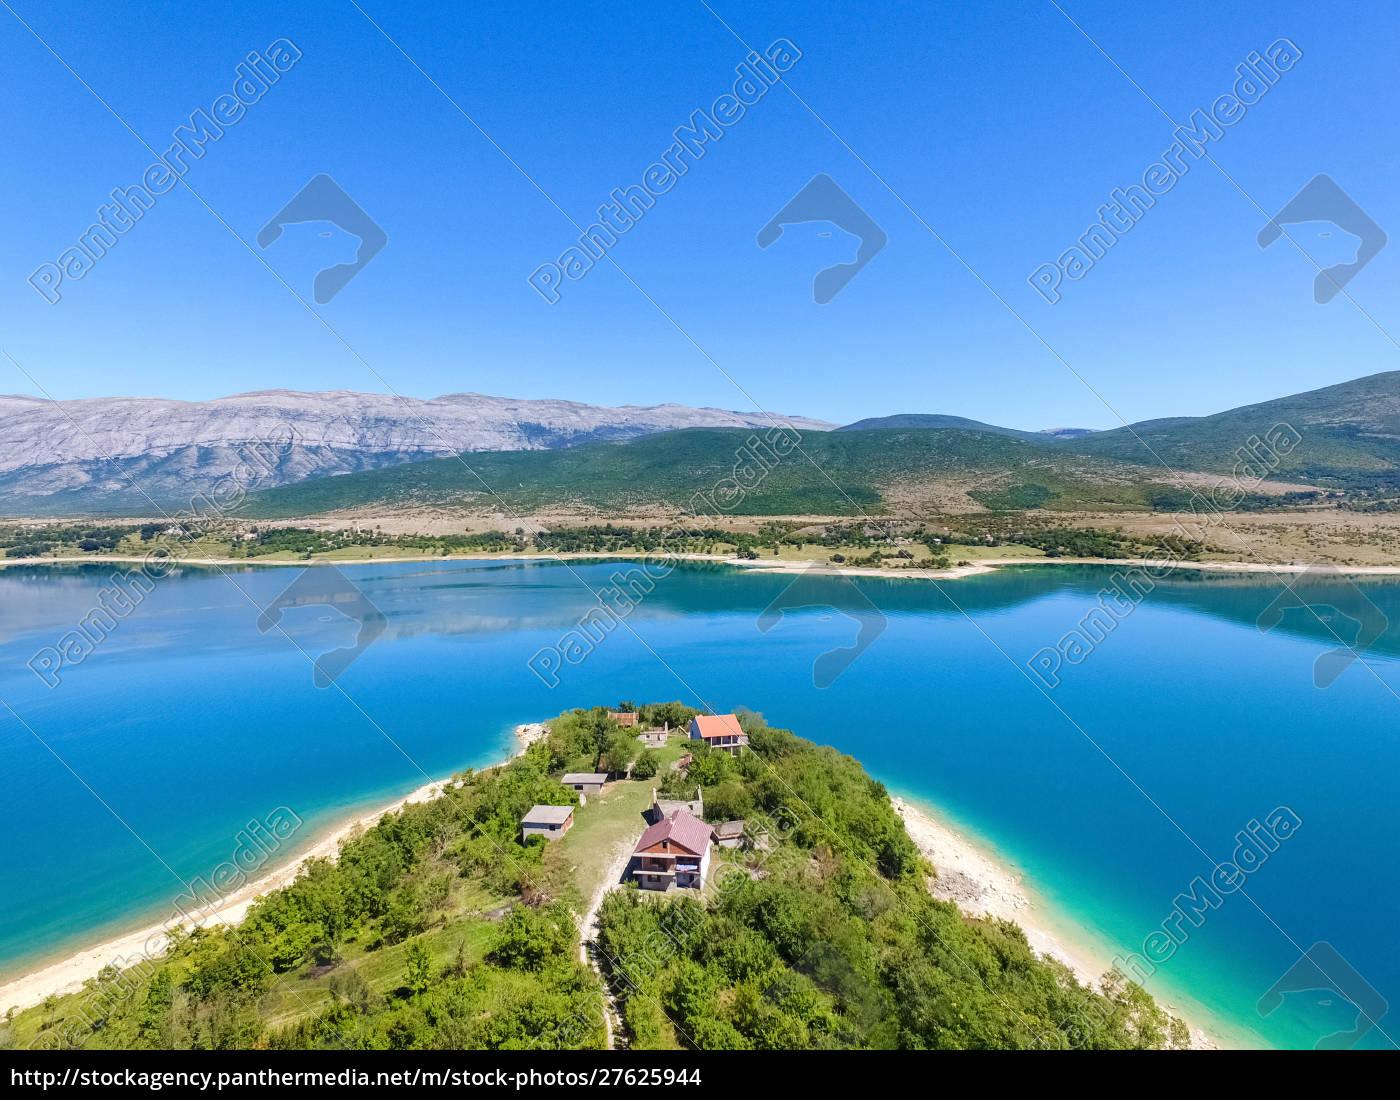 veduta, aerea, del, lago, peruca, secondo, lago - 27625944